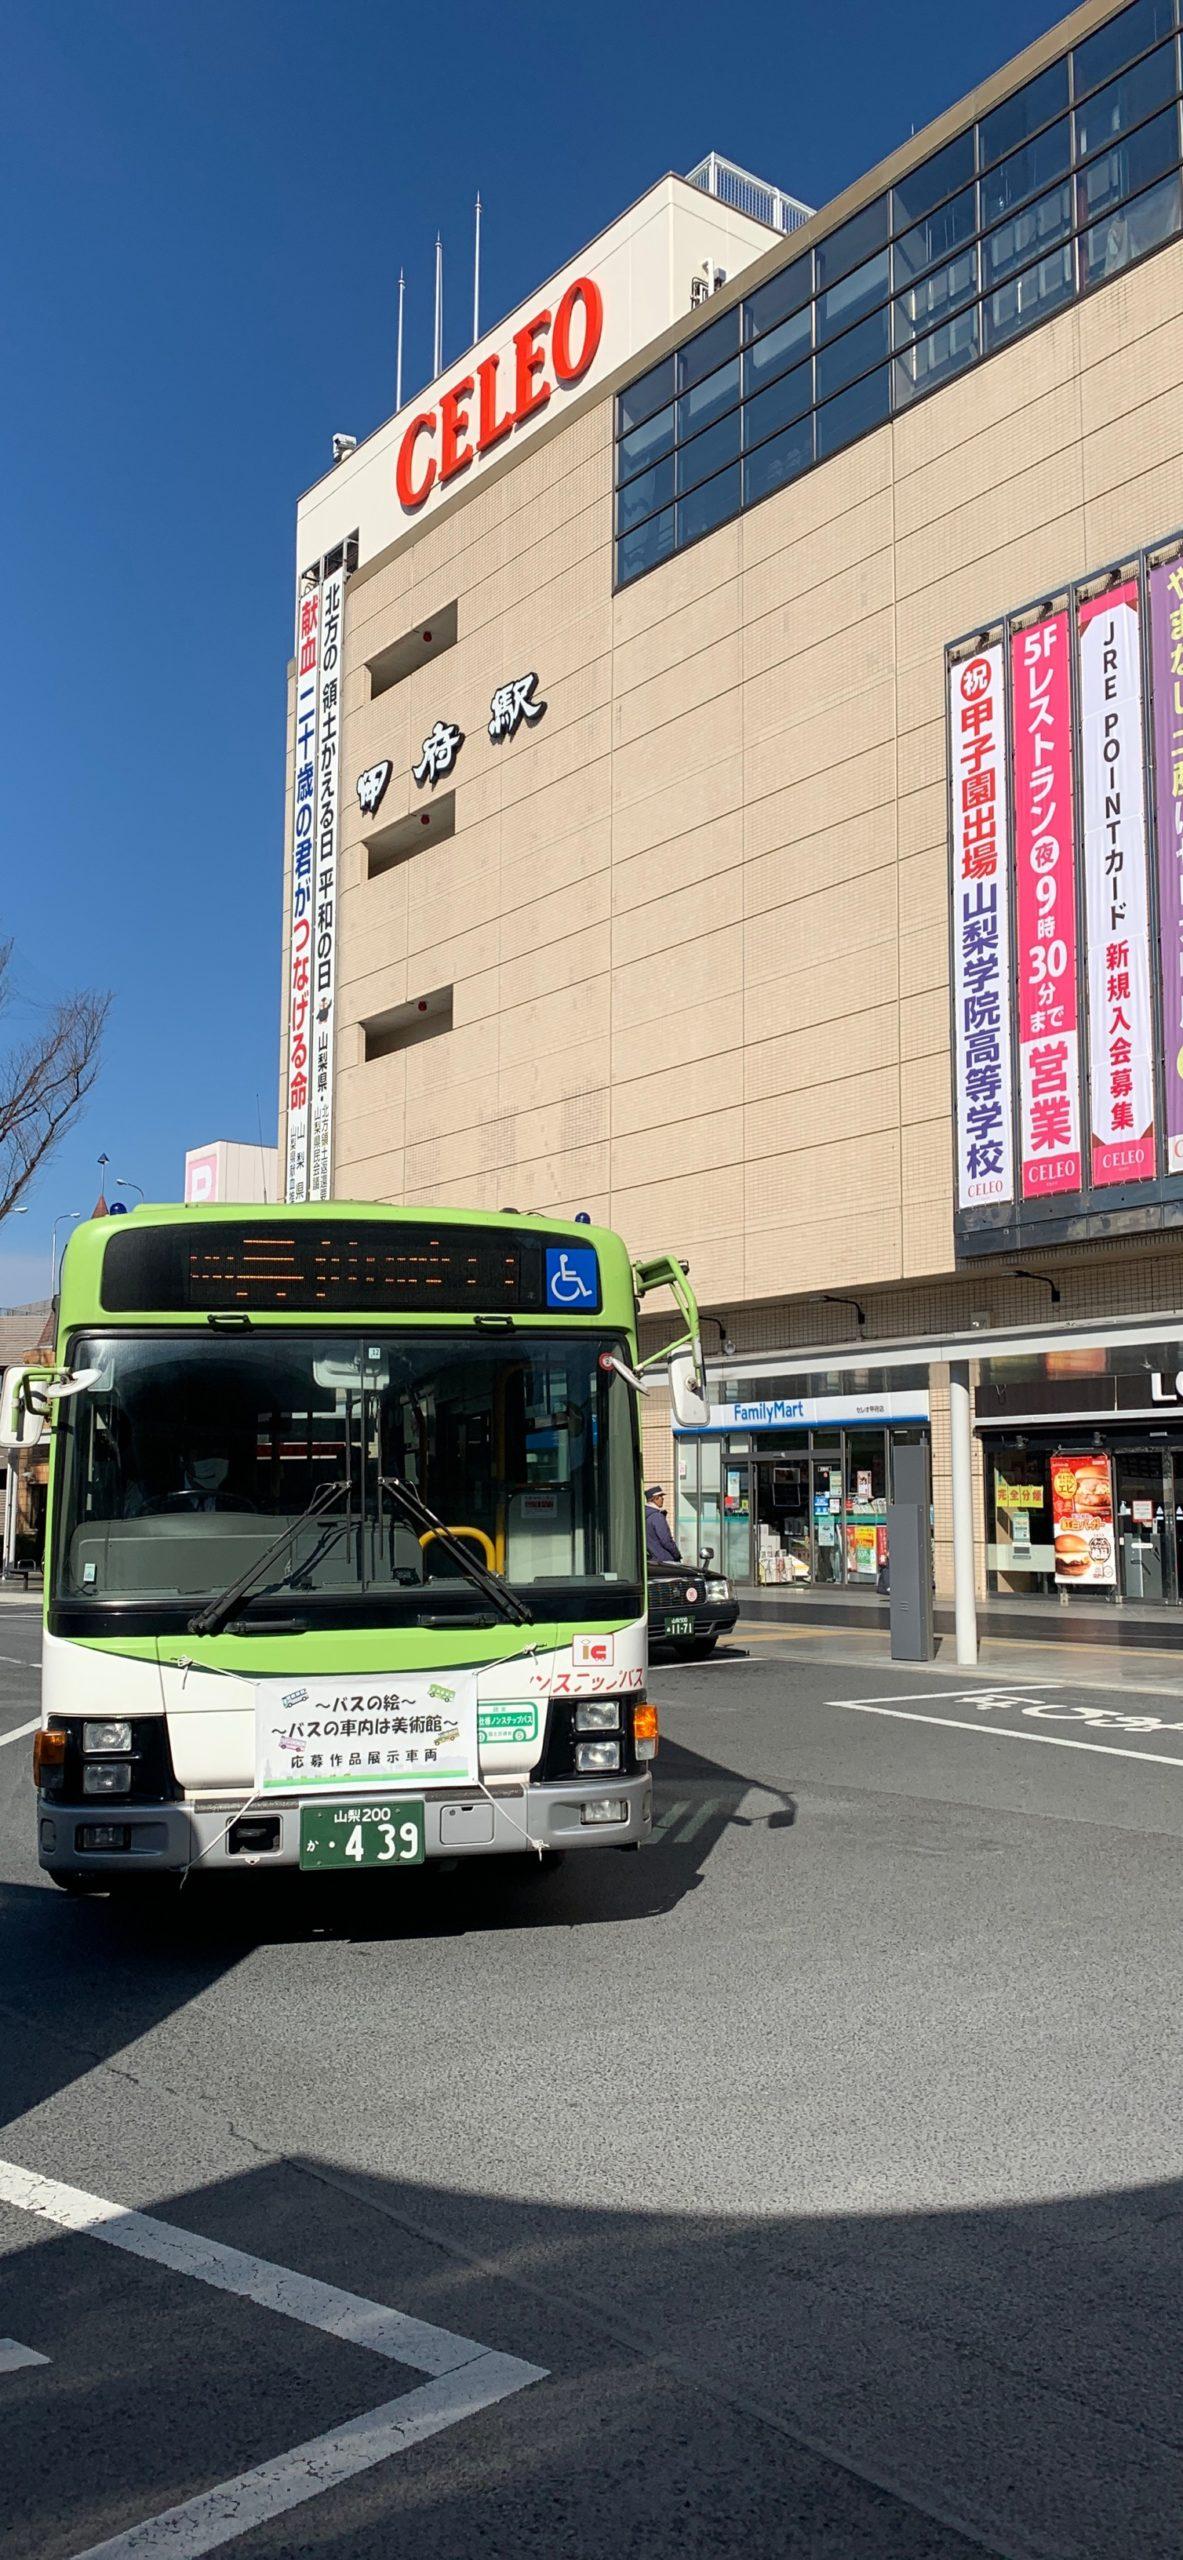 昇仙峡行きのバス